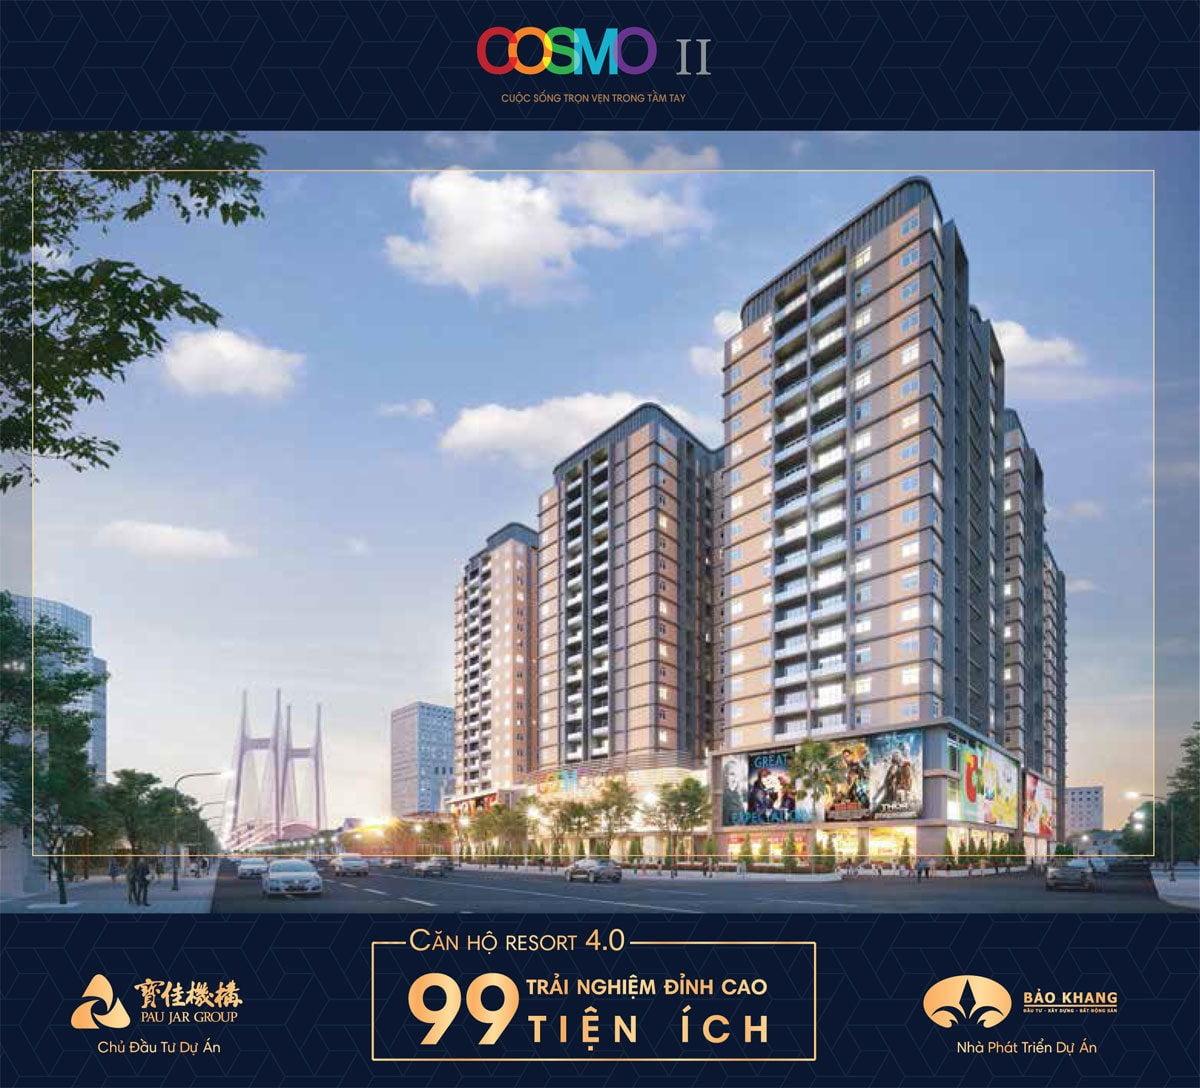 Dự án Căn hộ Cosmo II